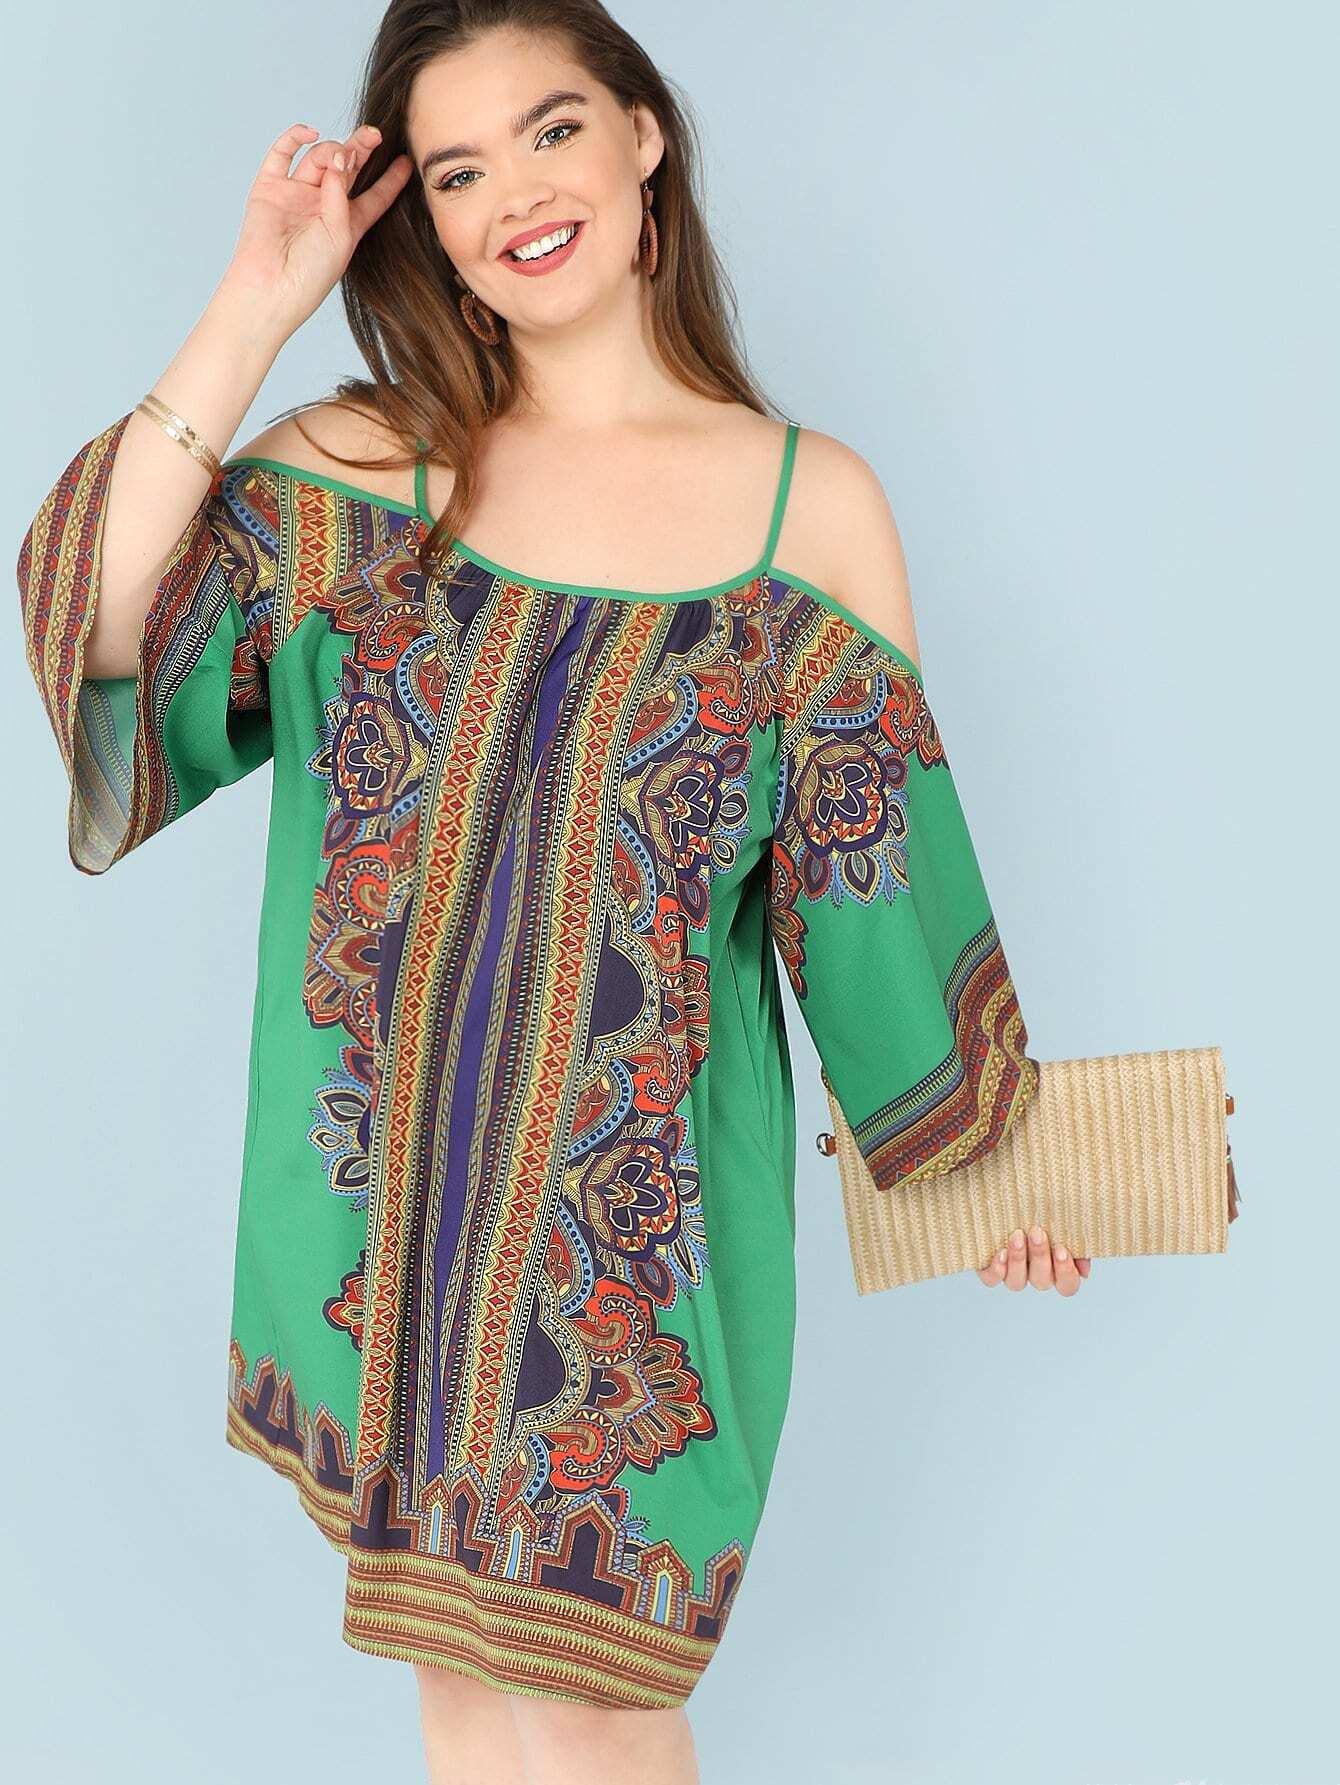 Купить Изысканное печатное платье с коротким рукавом, Faith Bowman, SheIn